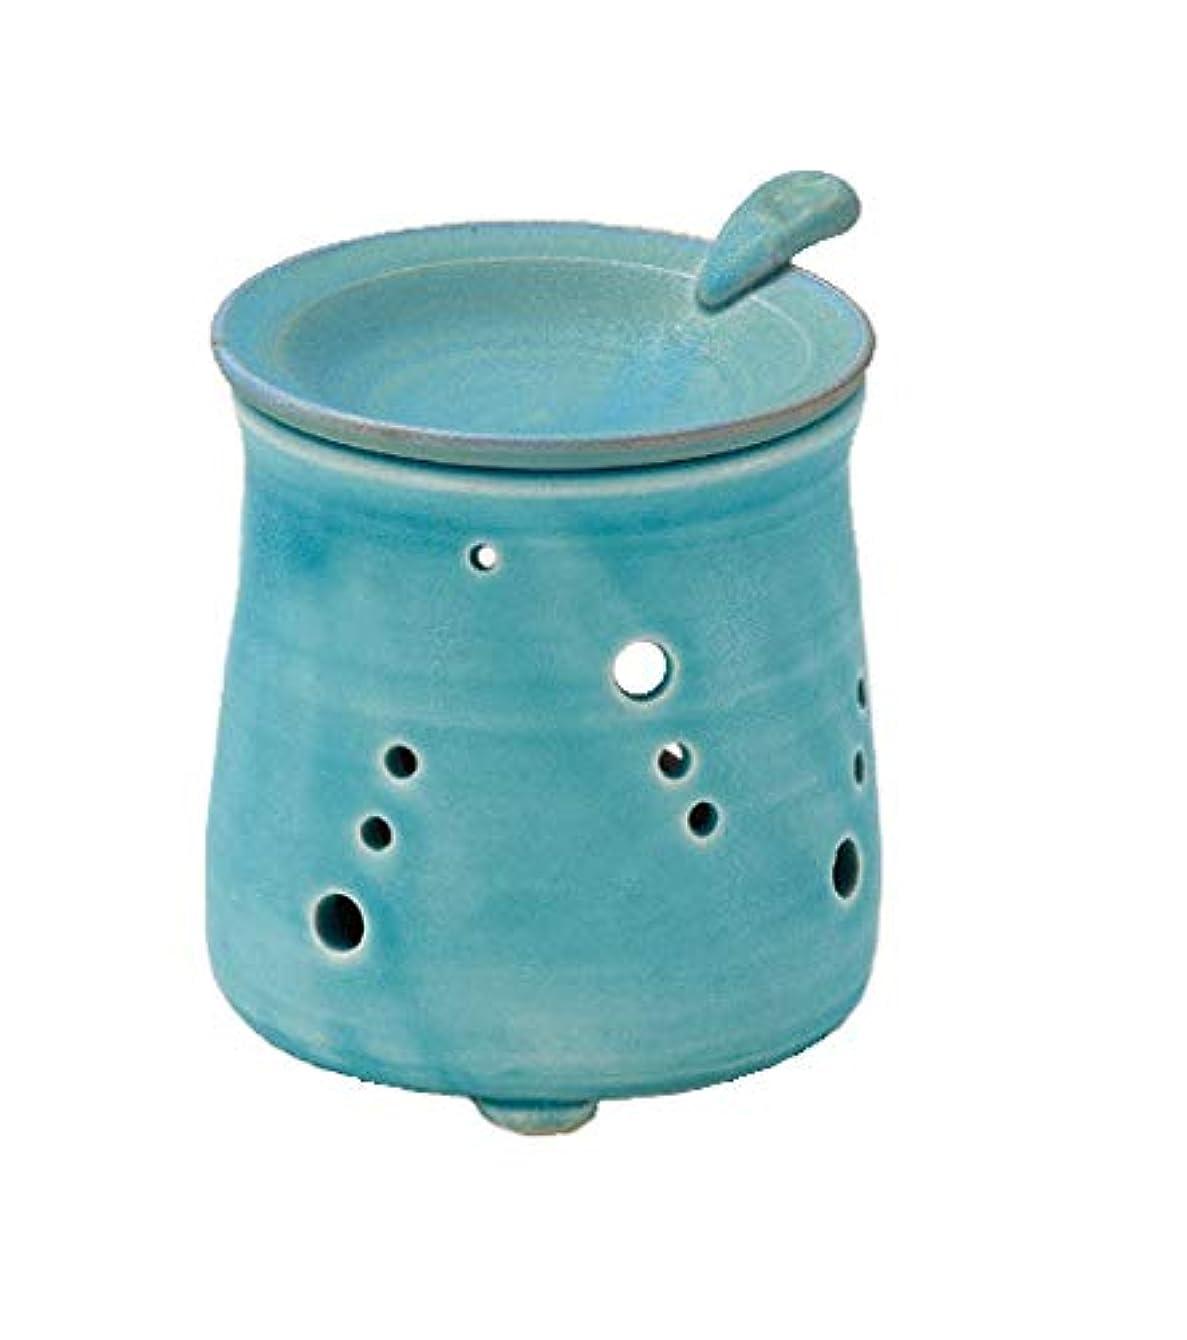 フォアマン一時解雇する編集するヤマキイカイ(Yamakiikai) 置物 ブルー 径9.5cm 山田トルコブルー 茶香炉 L1616